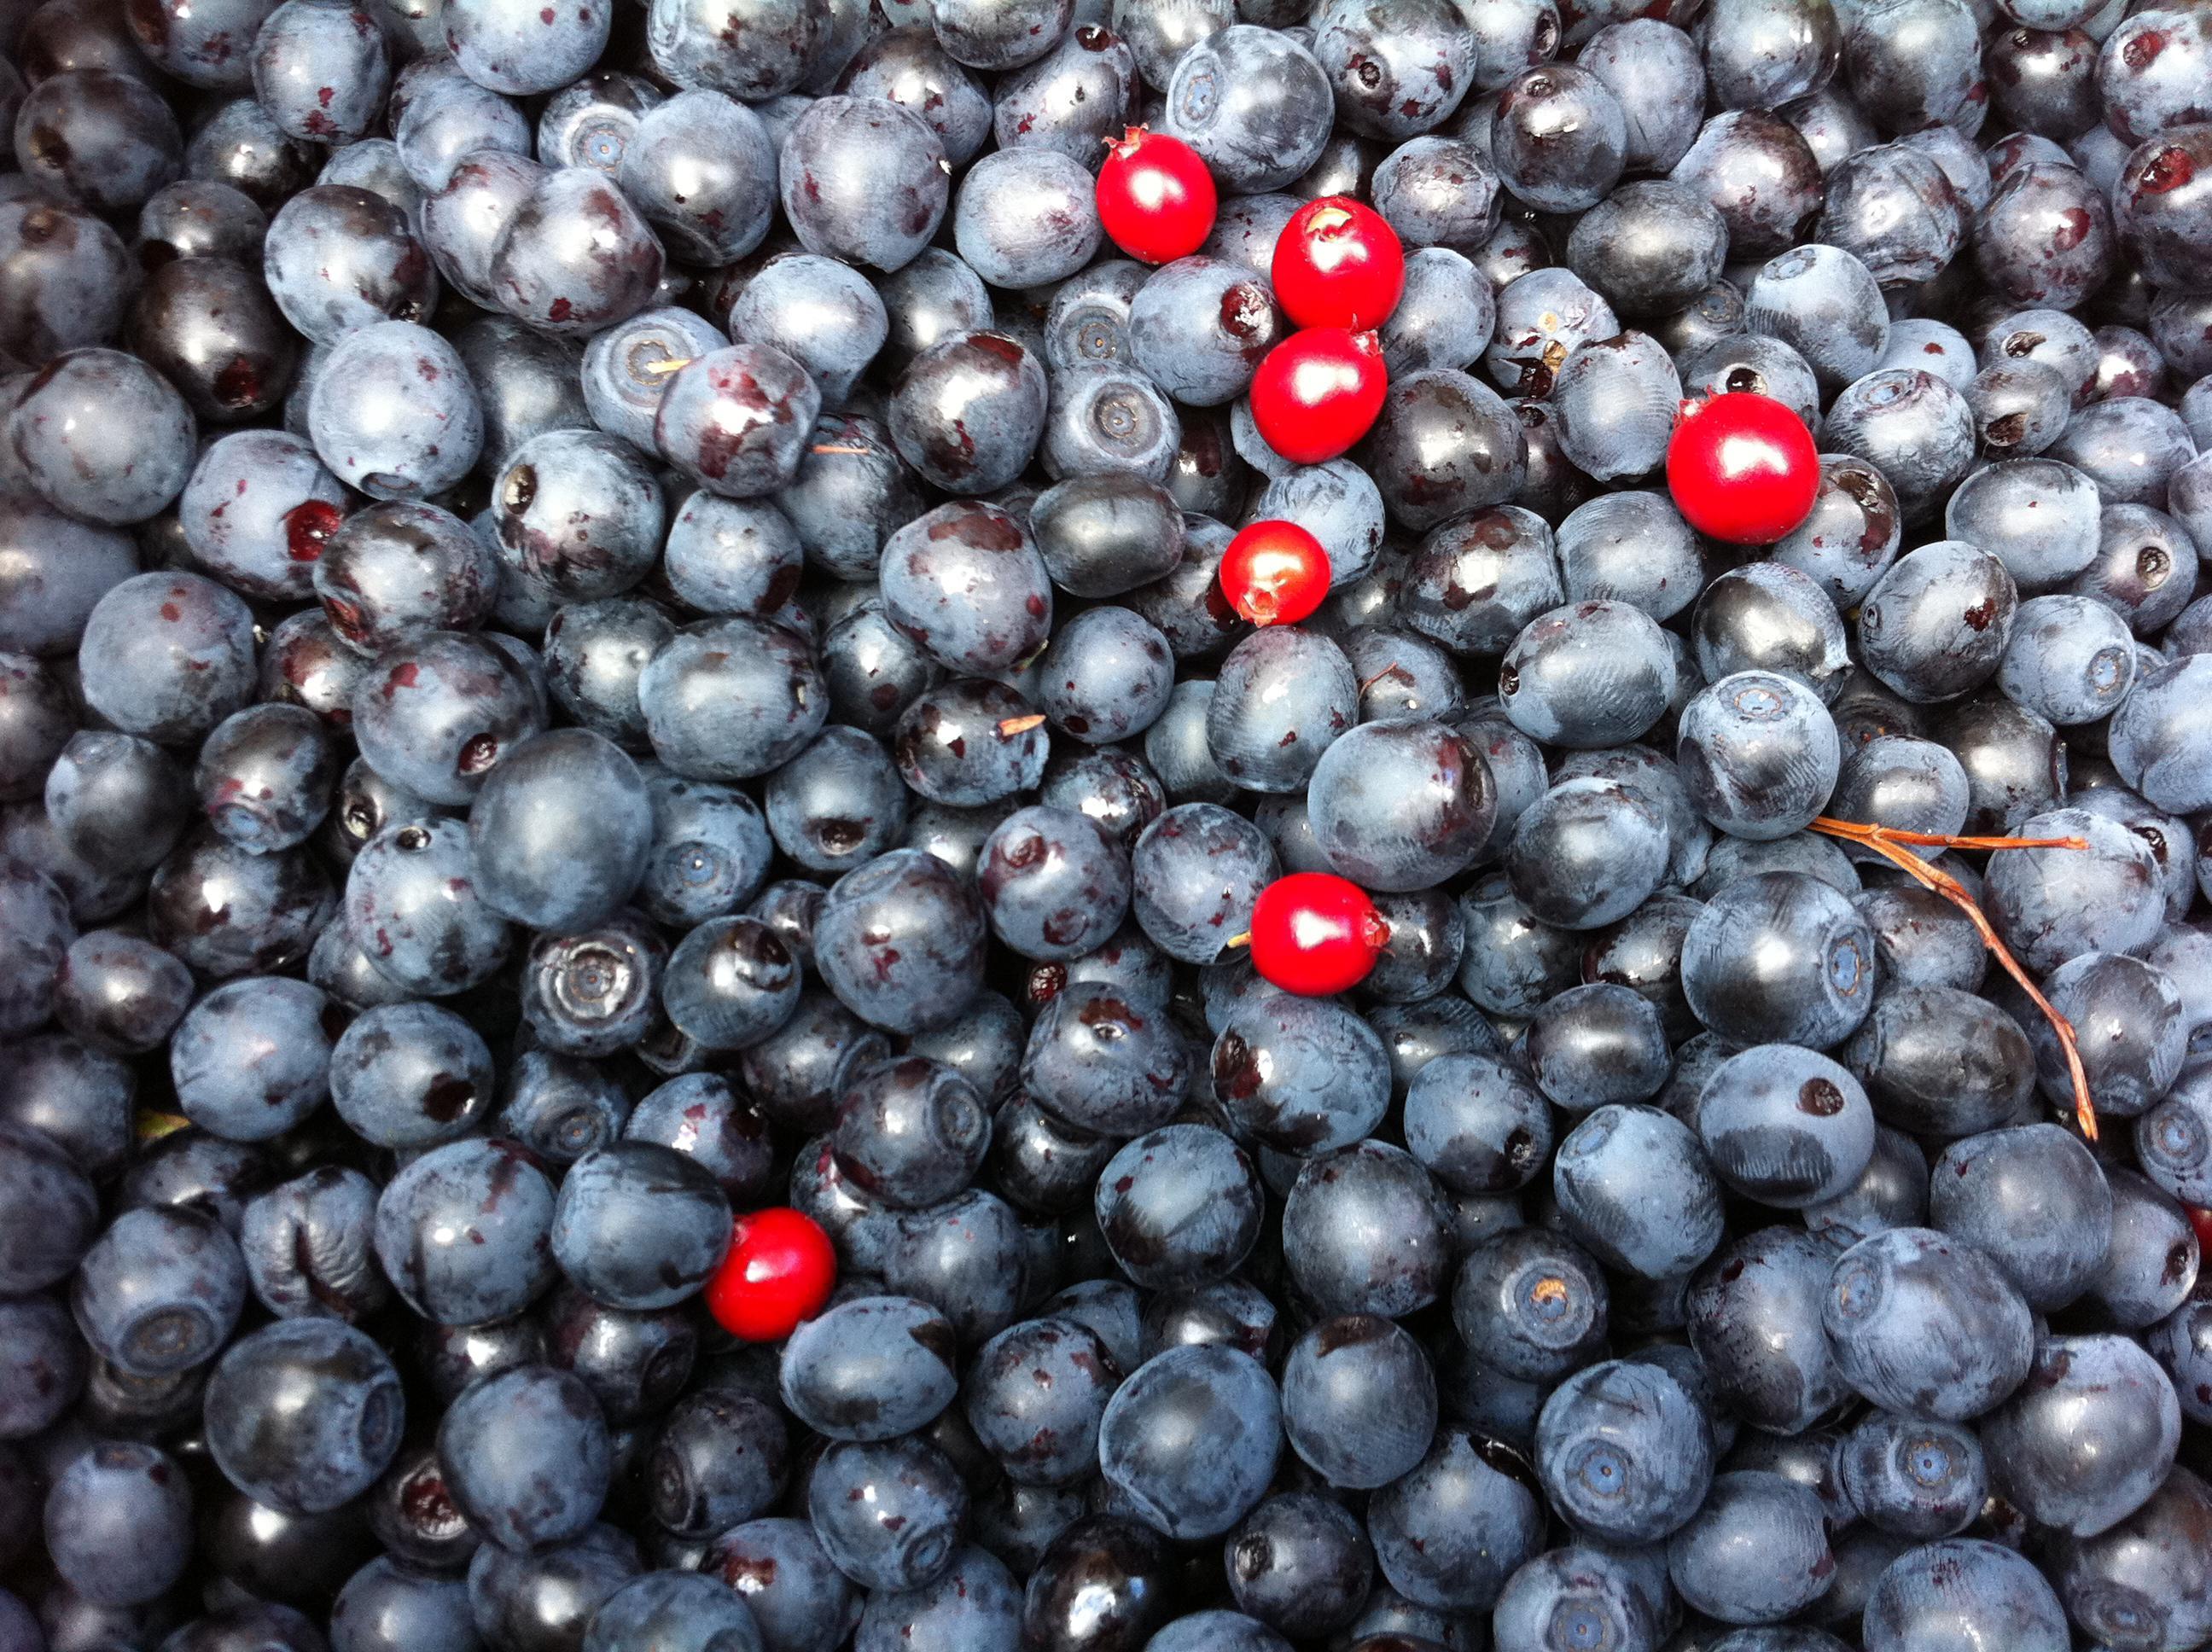 Bild av en mängd plockade blåbär blandade med några lingon.